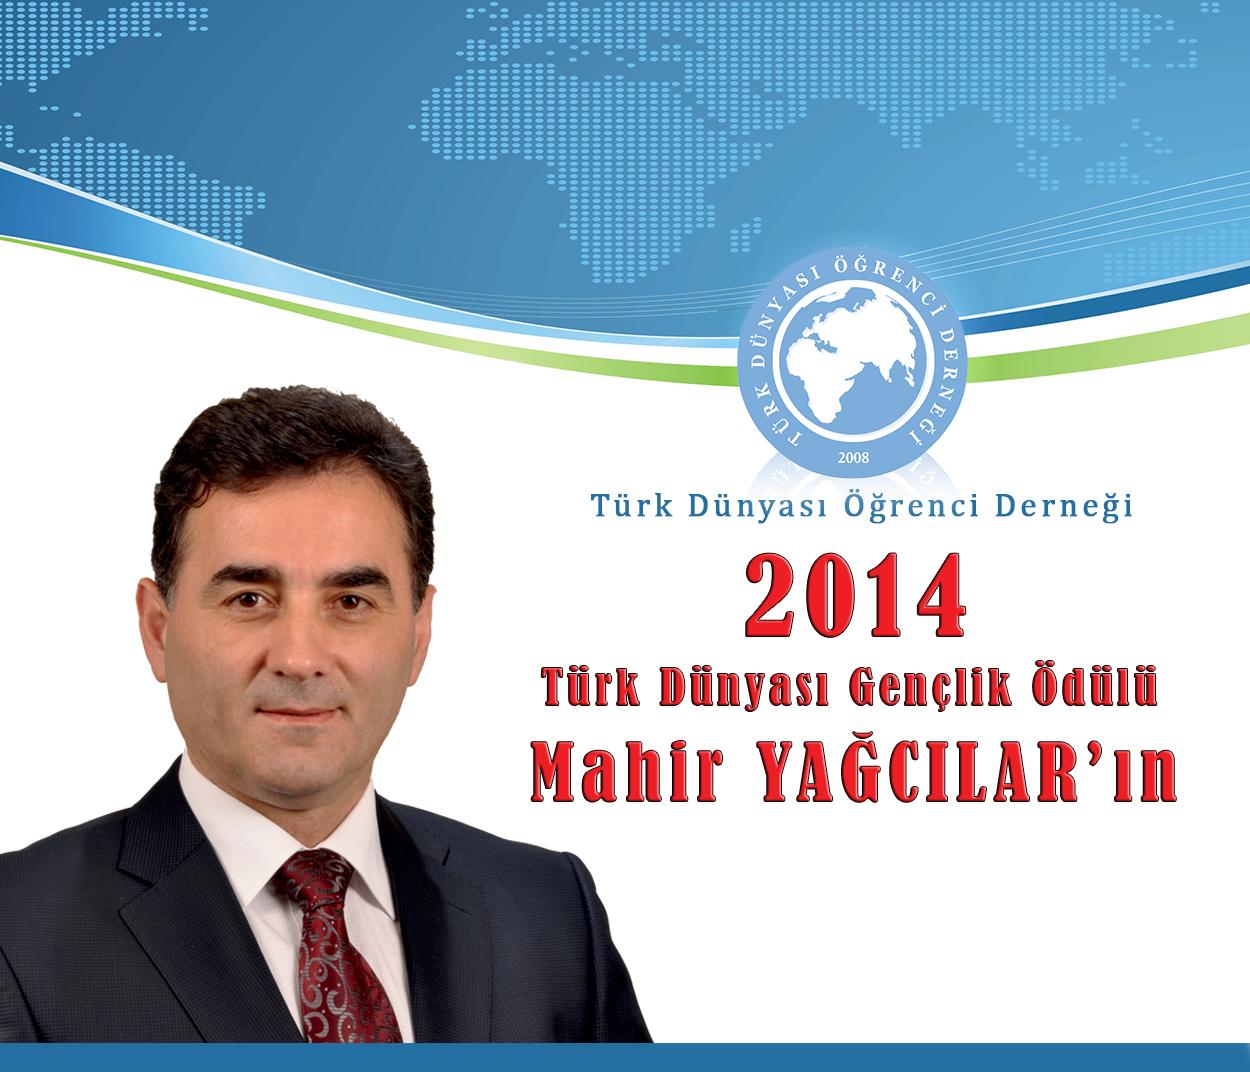 Mahir Yağcılar'a Türk Dünyası Gençlik Ödülü